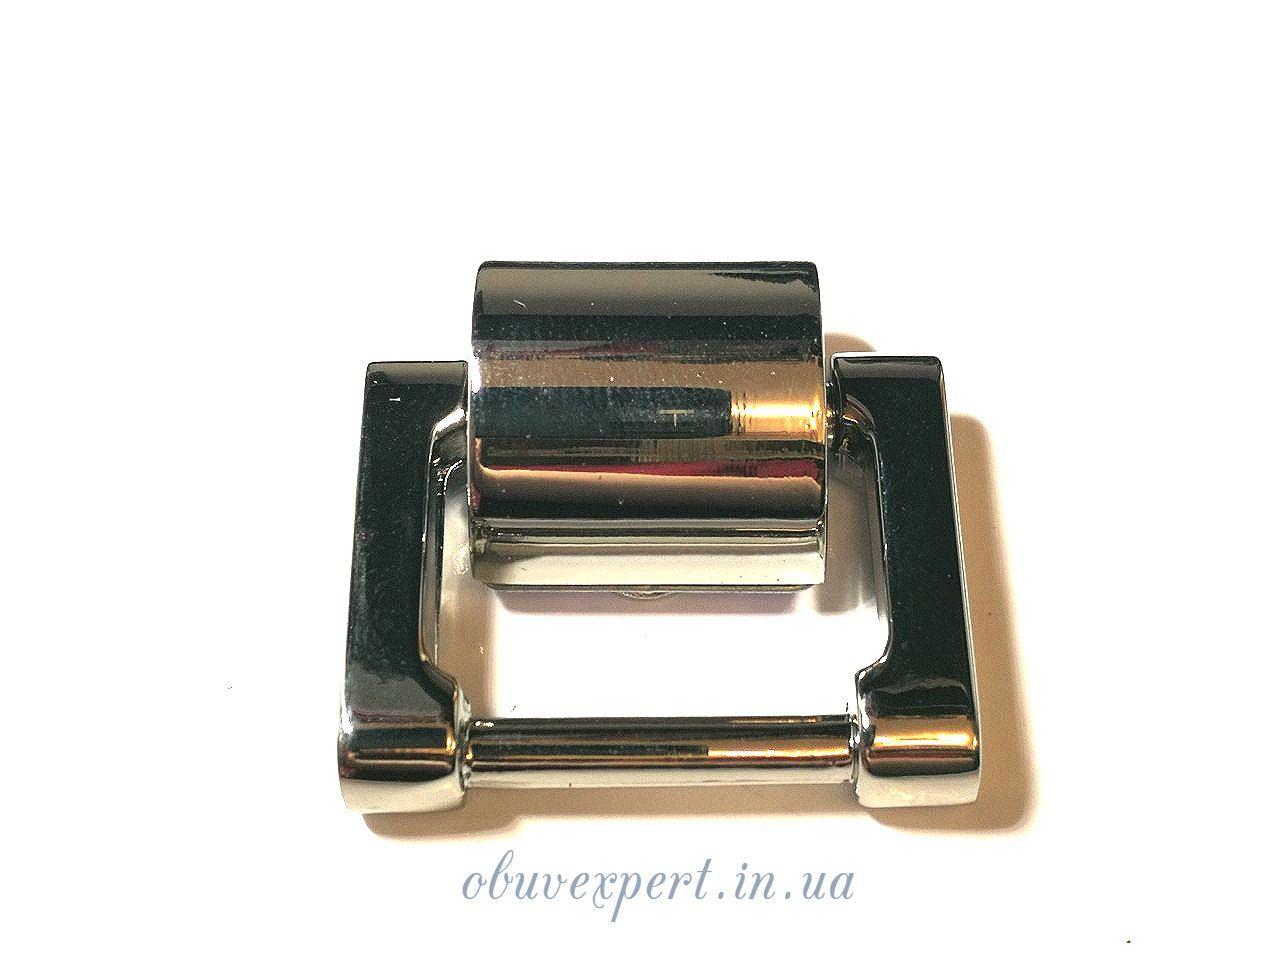 Ручкодержатель  20 мм Никель